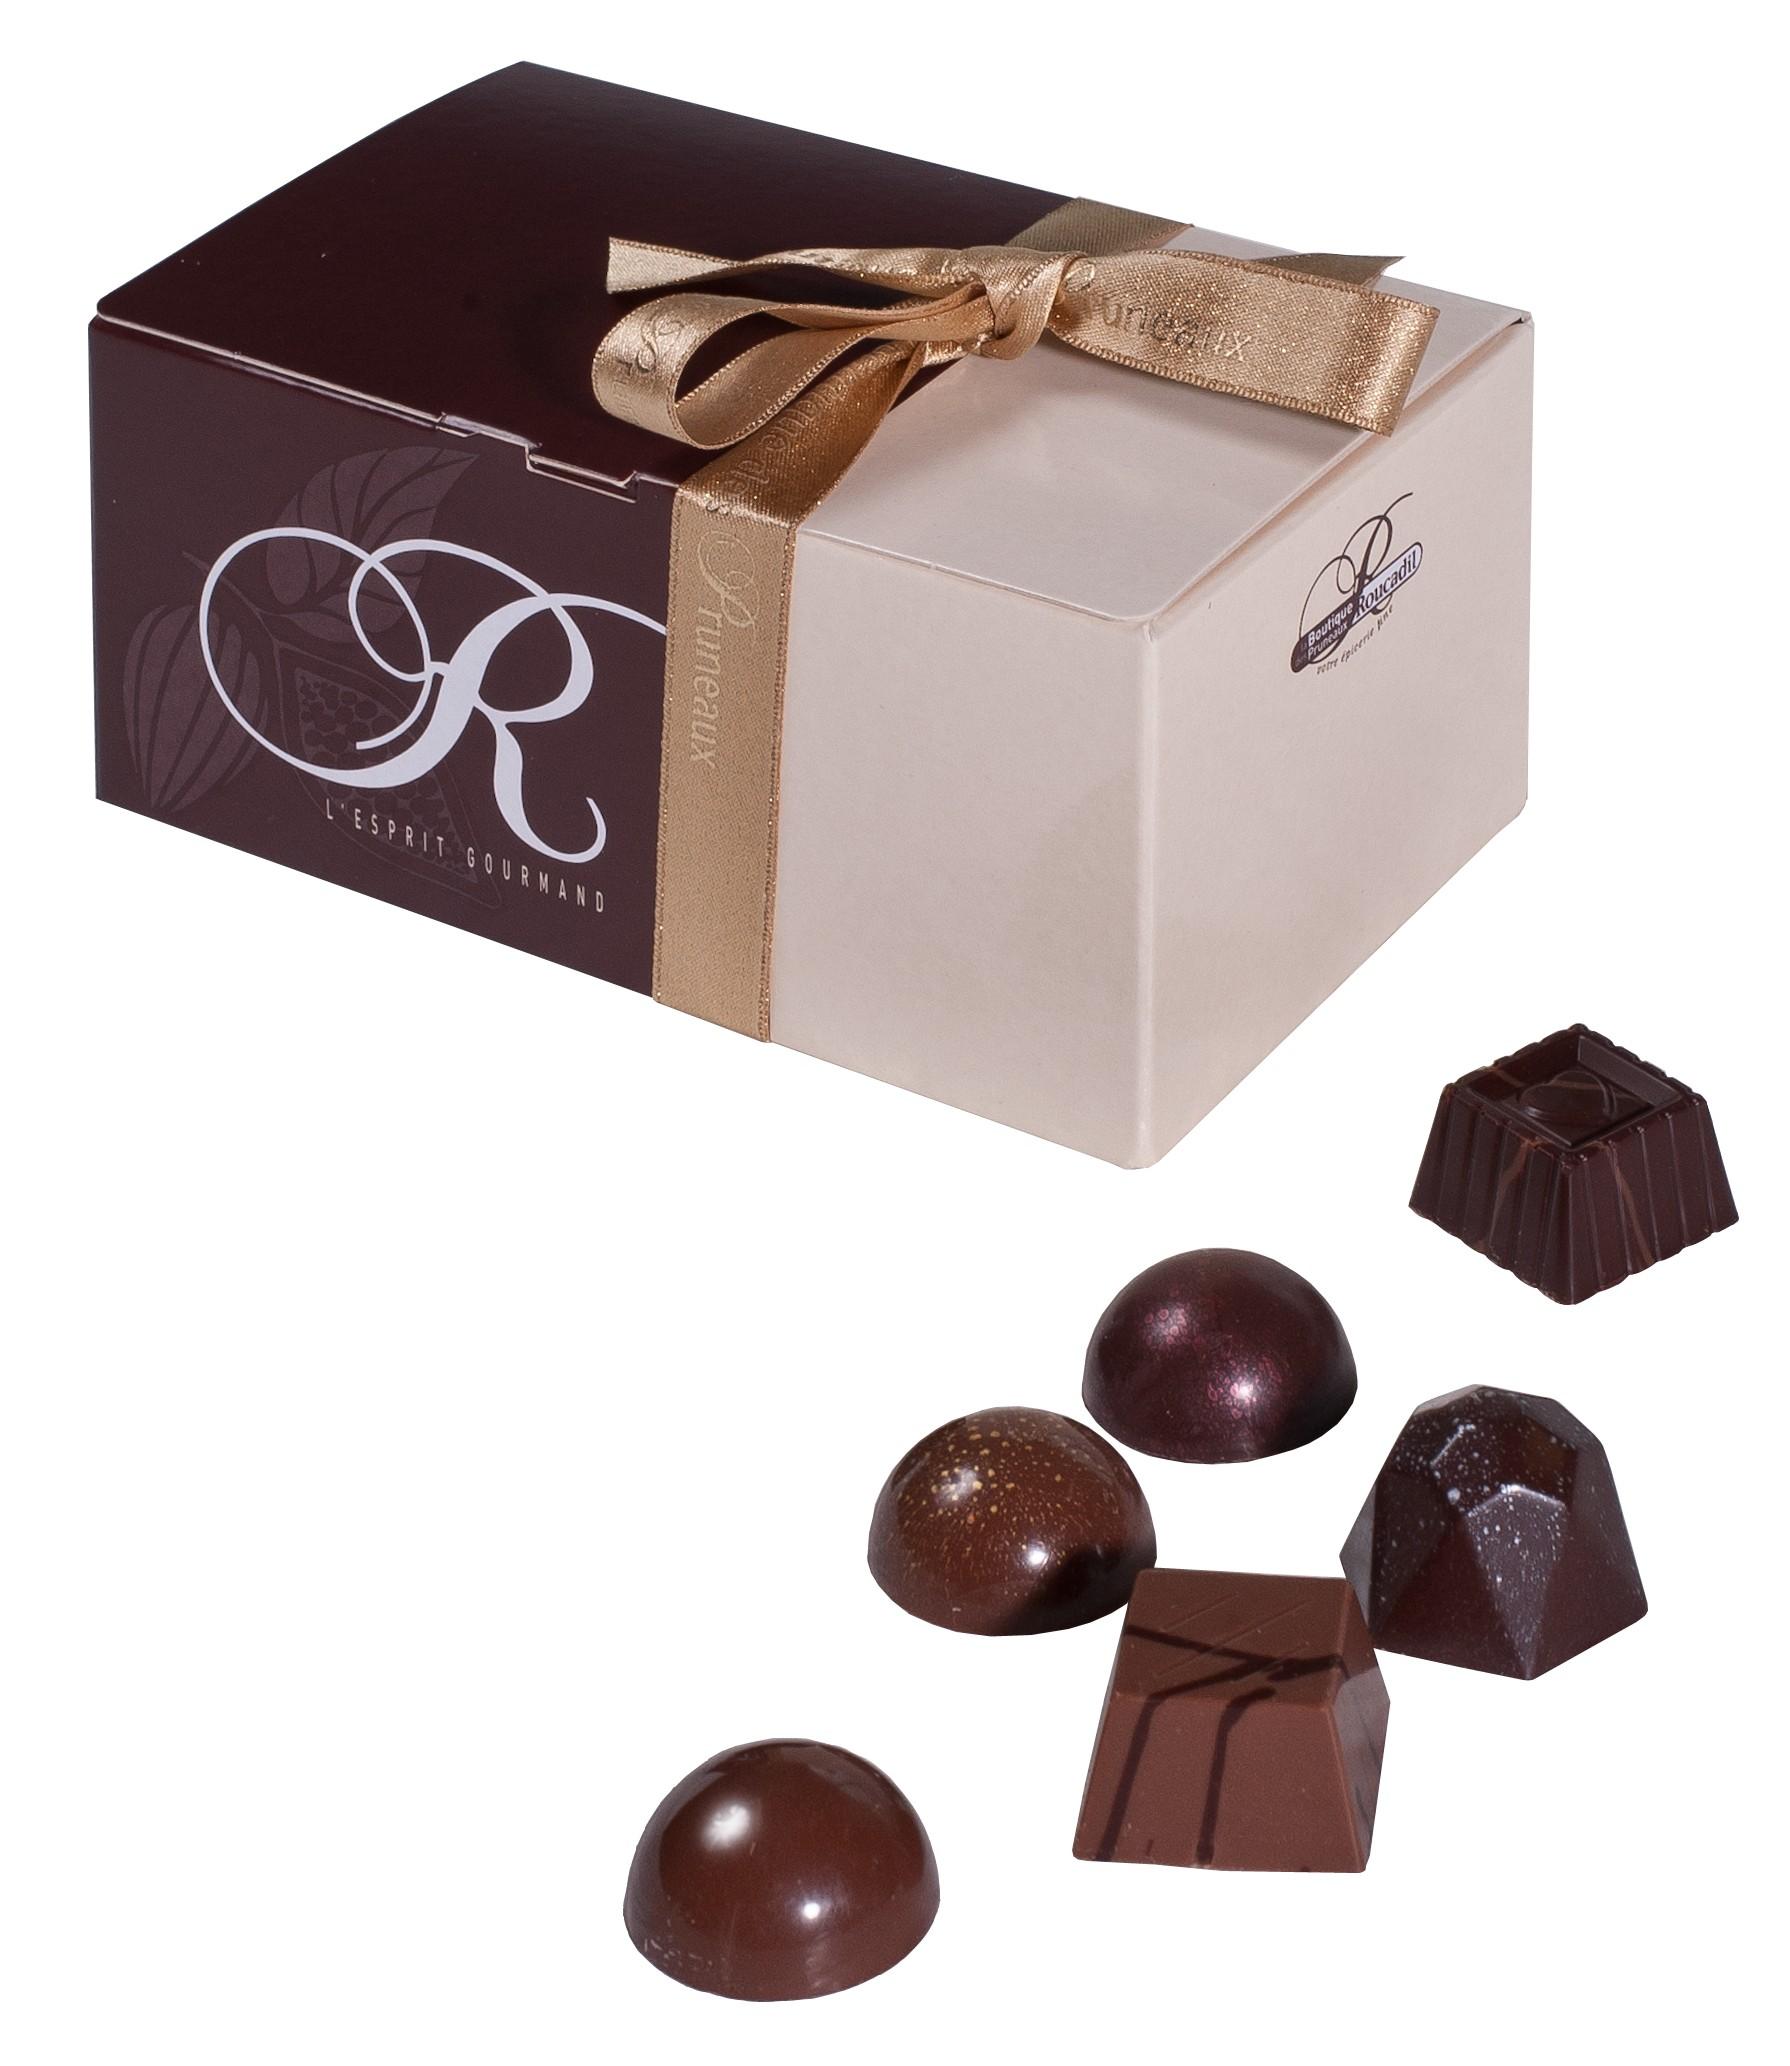 Chocolats fins - ballotin 250g - la boutique des pruneaux